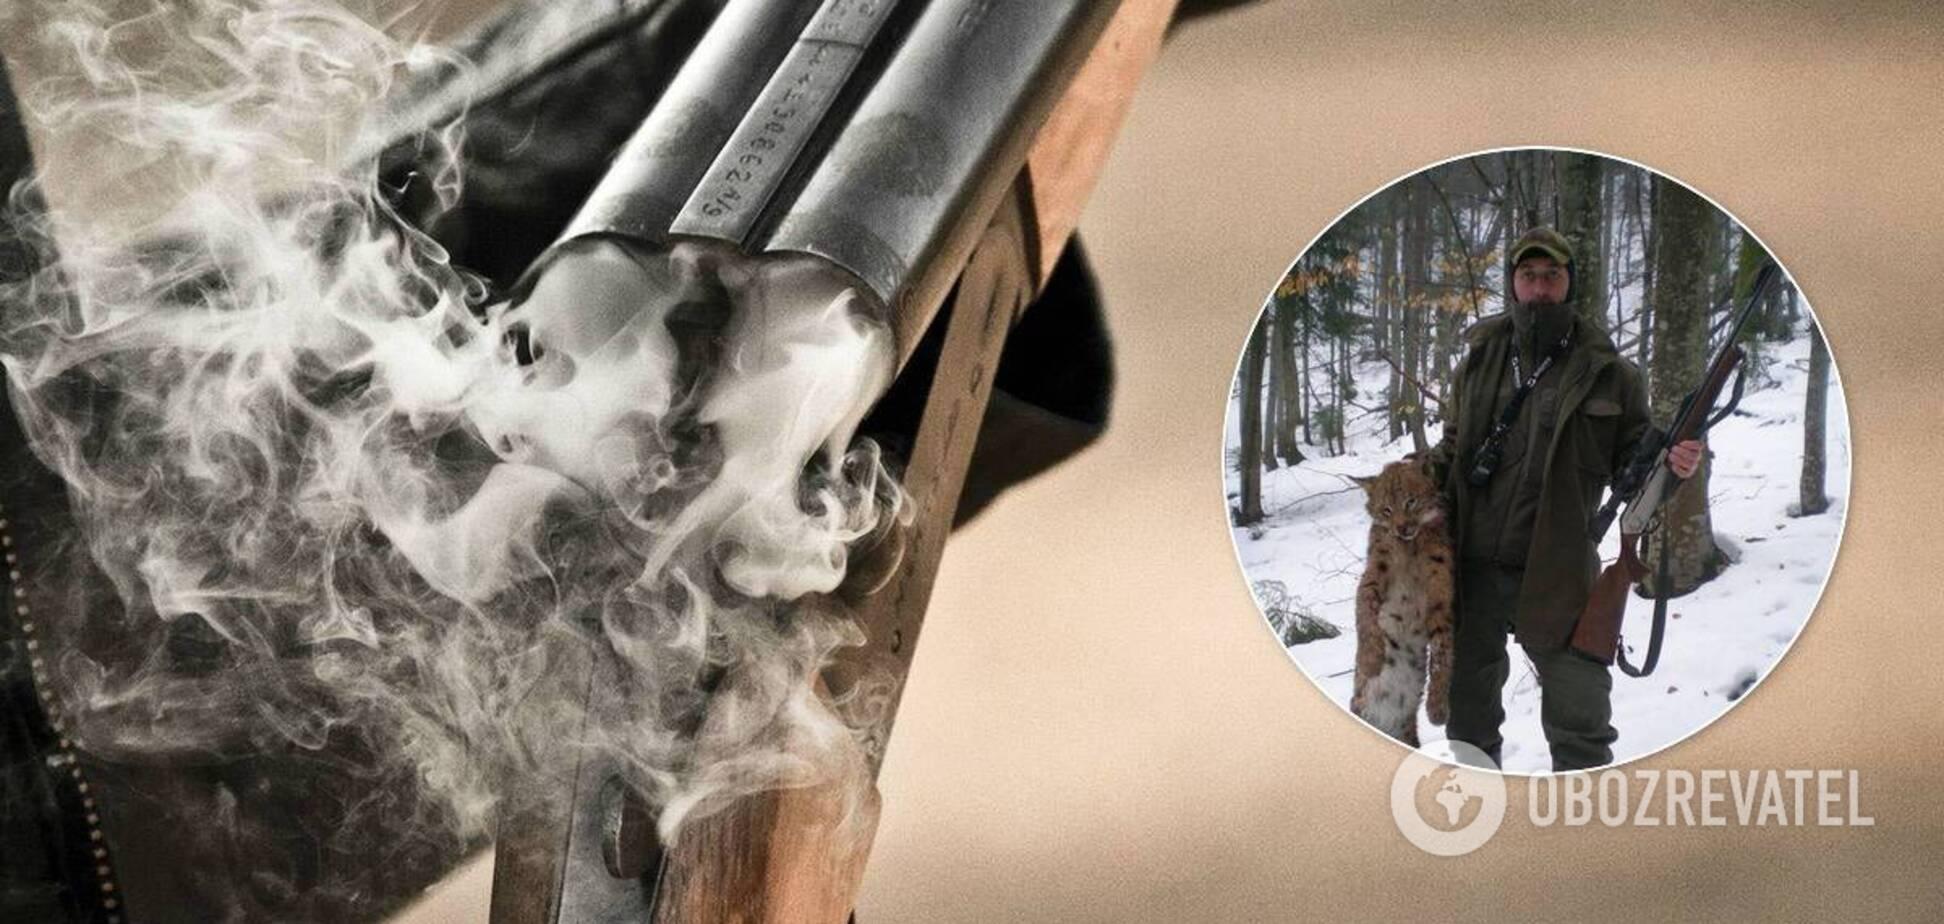 На Закарпатье депутат позировал на охоте и пытается устроиться в лесхоз